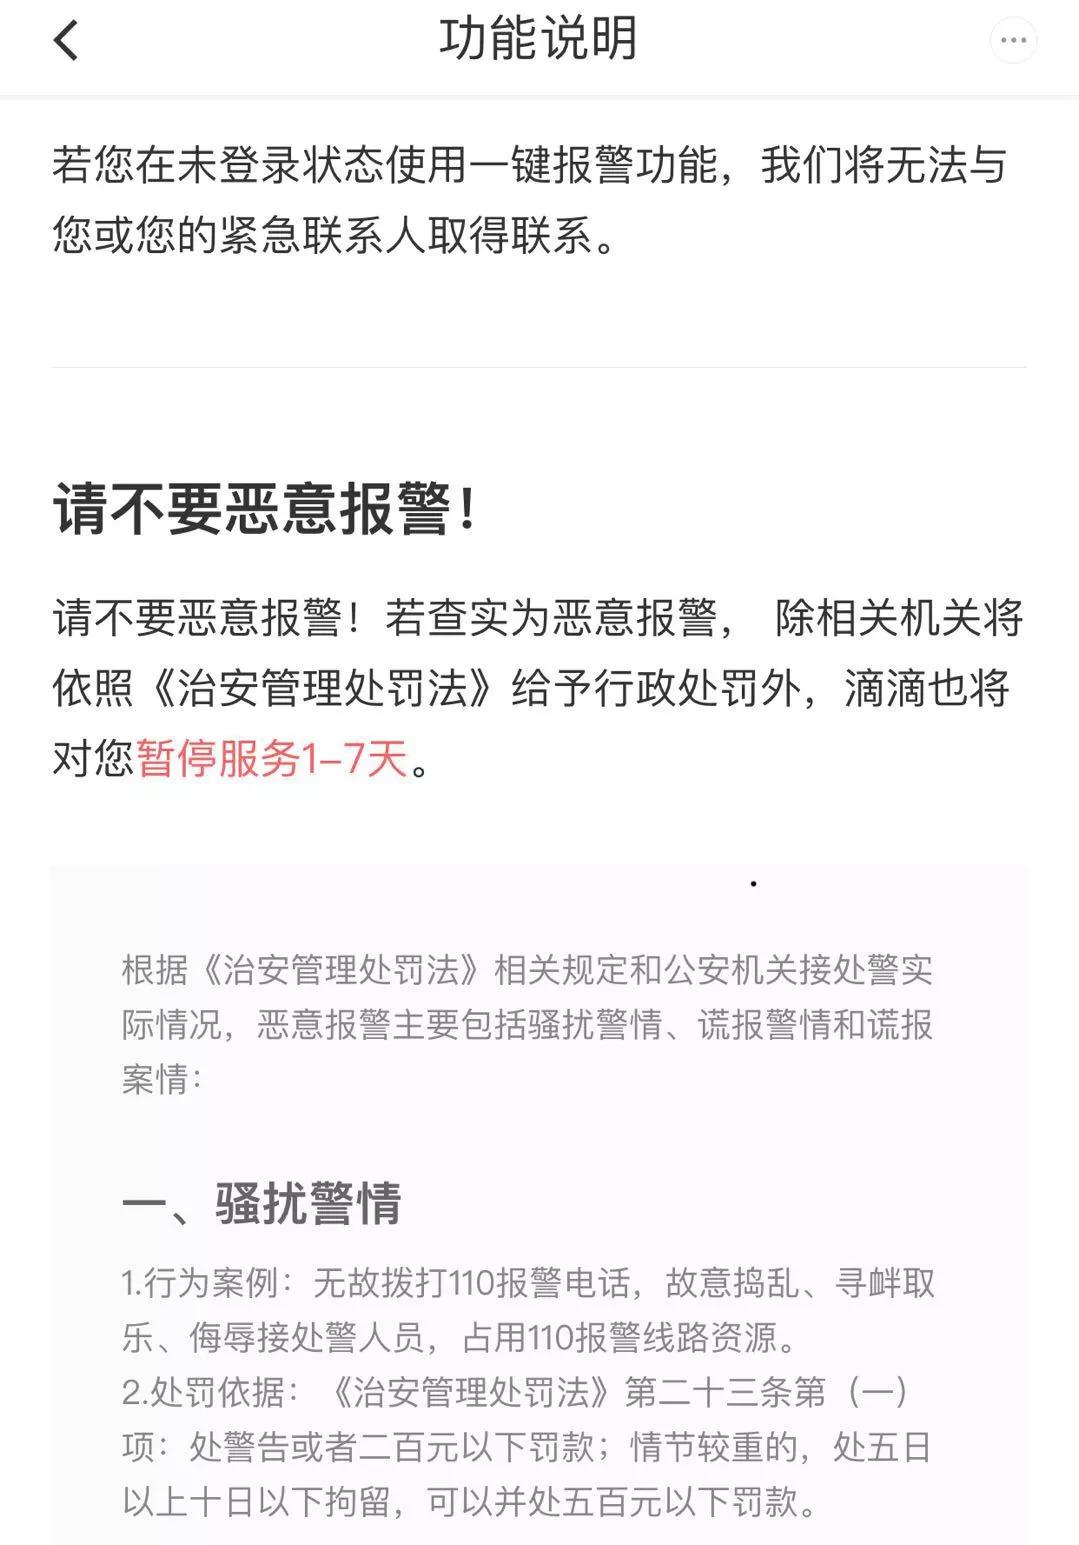 美高梅4858官方网站 30